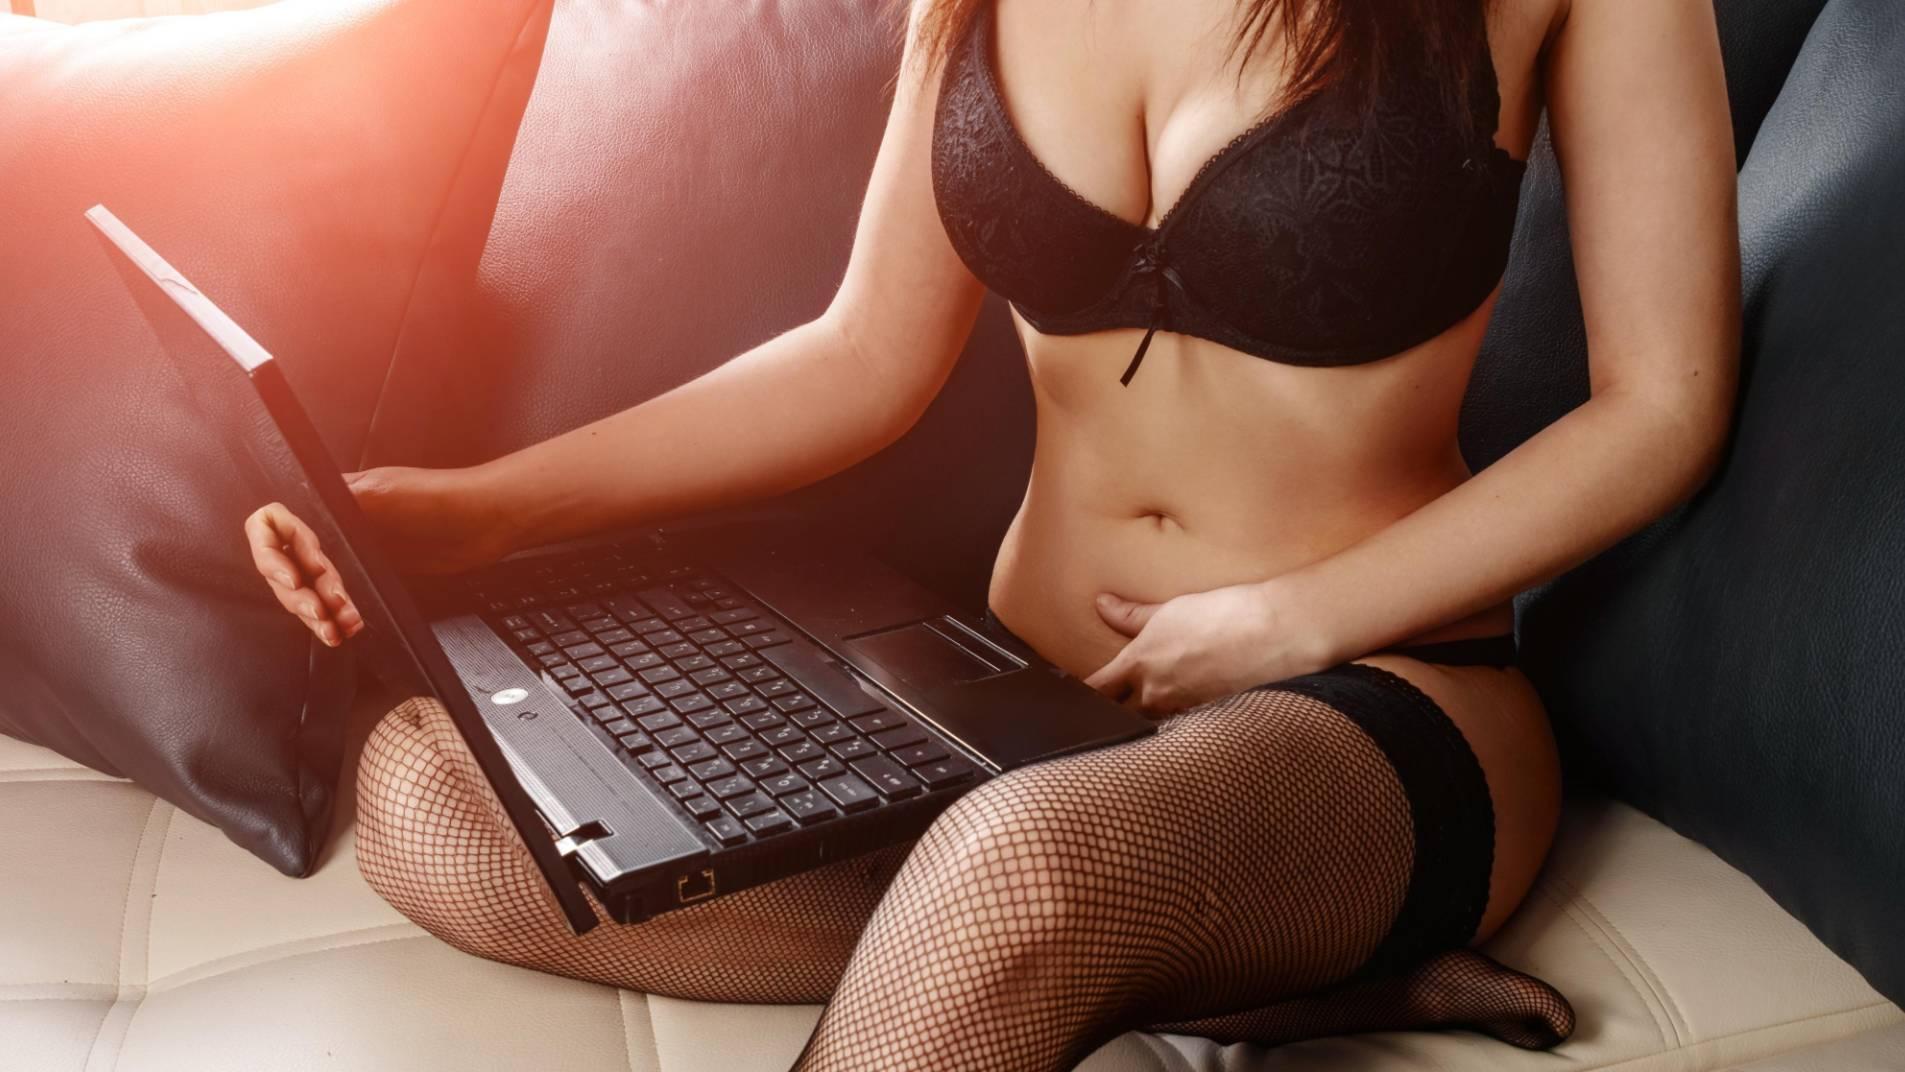 Богачи виртуального секса. Как коронавирус озолотил вебкам-моделей